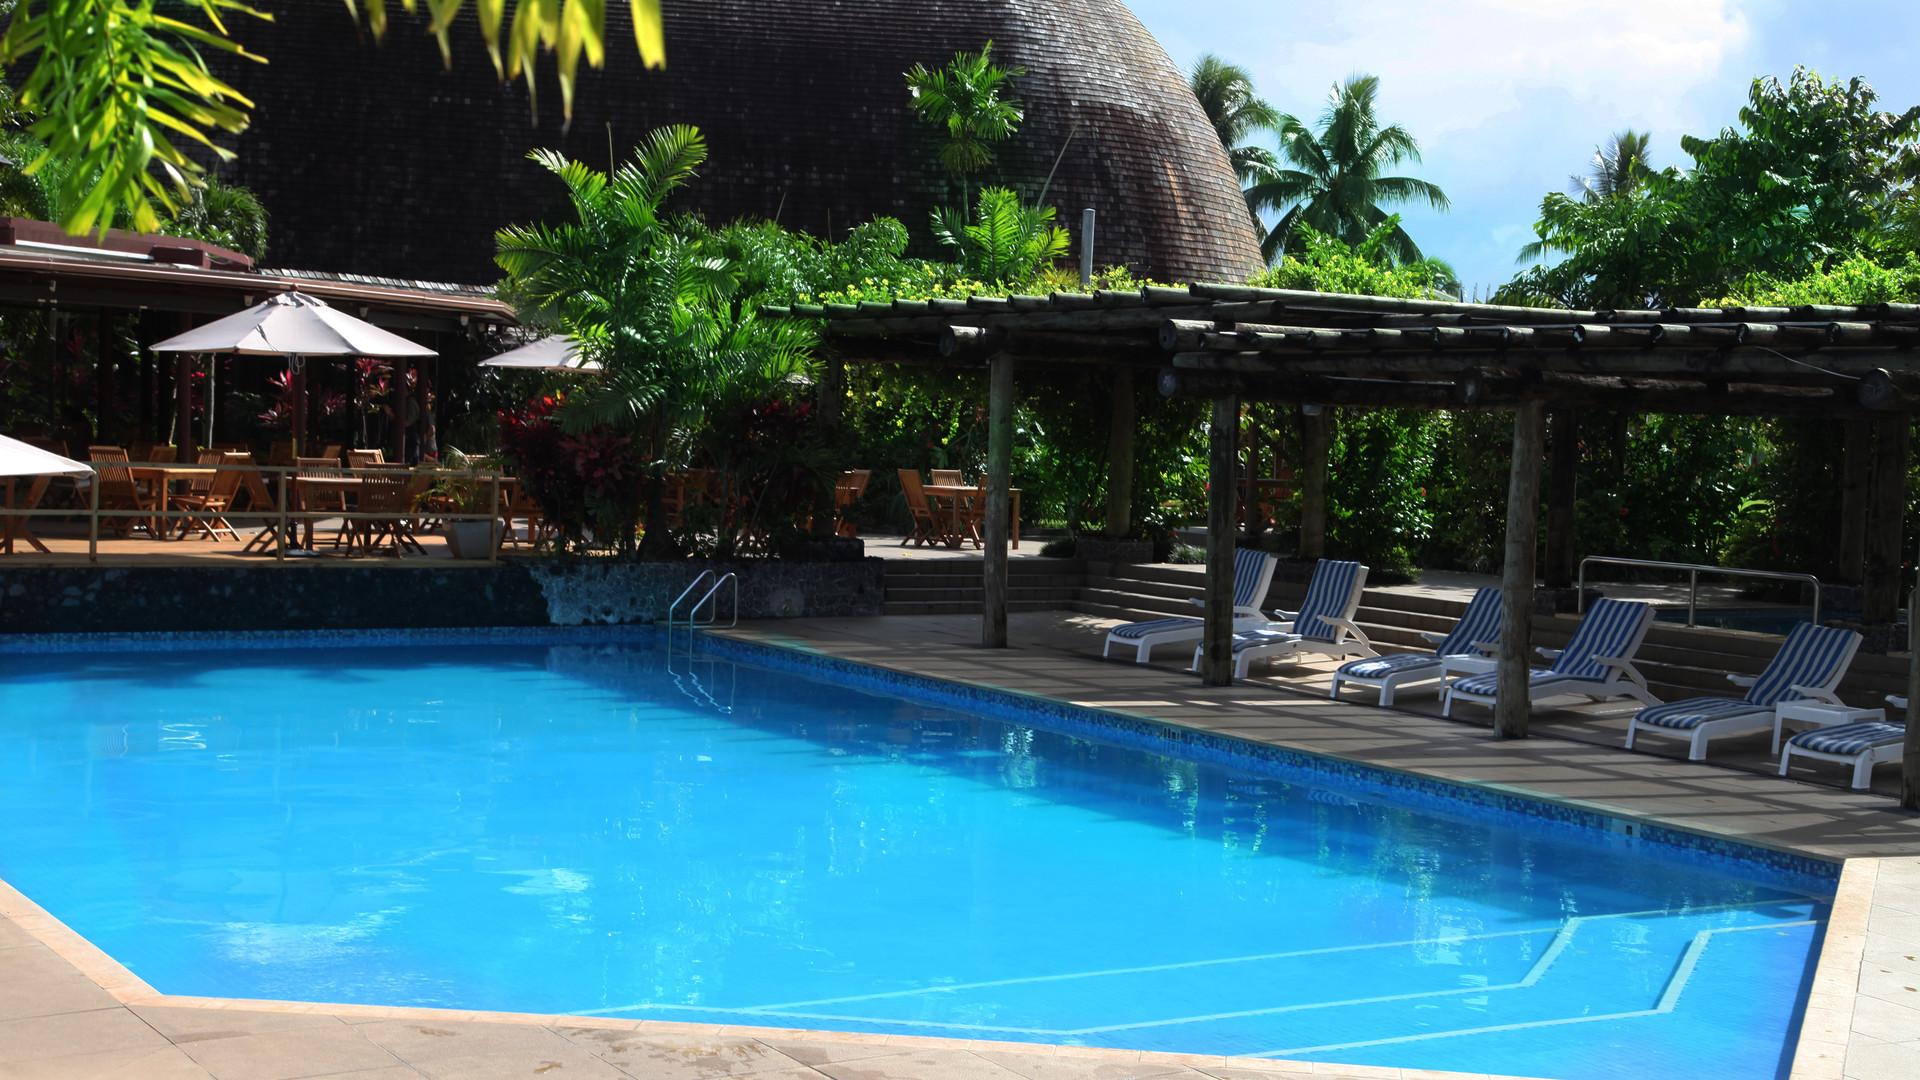 Tanoa_Tusitala_Hotel-Deluxe_Pool